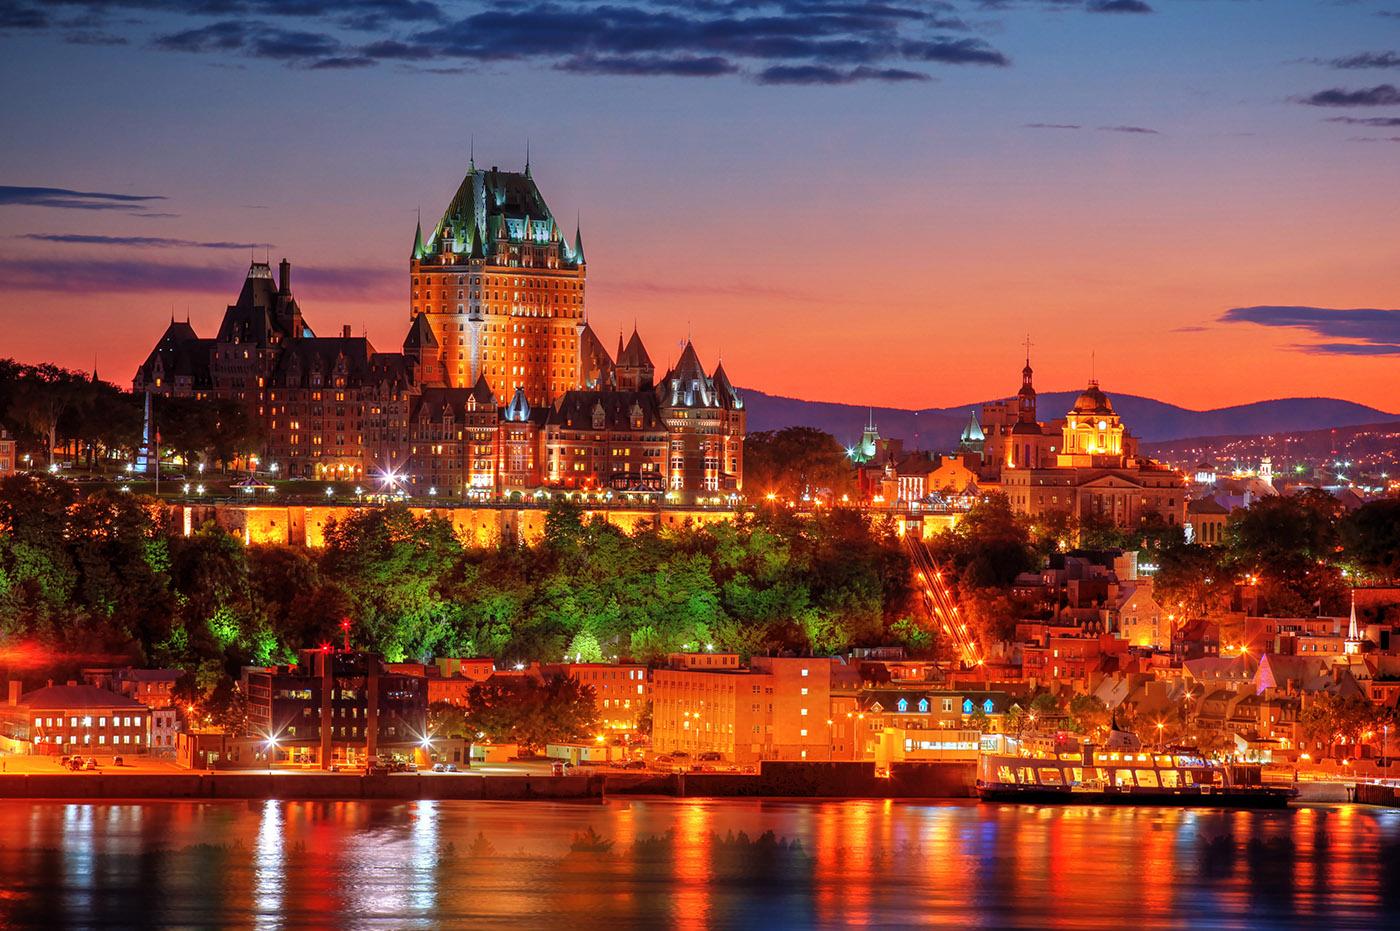 Quebec Chateau Frontenac de Quebec - photo stock